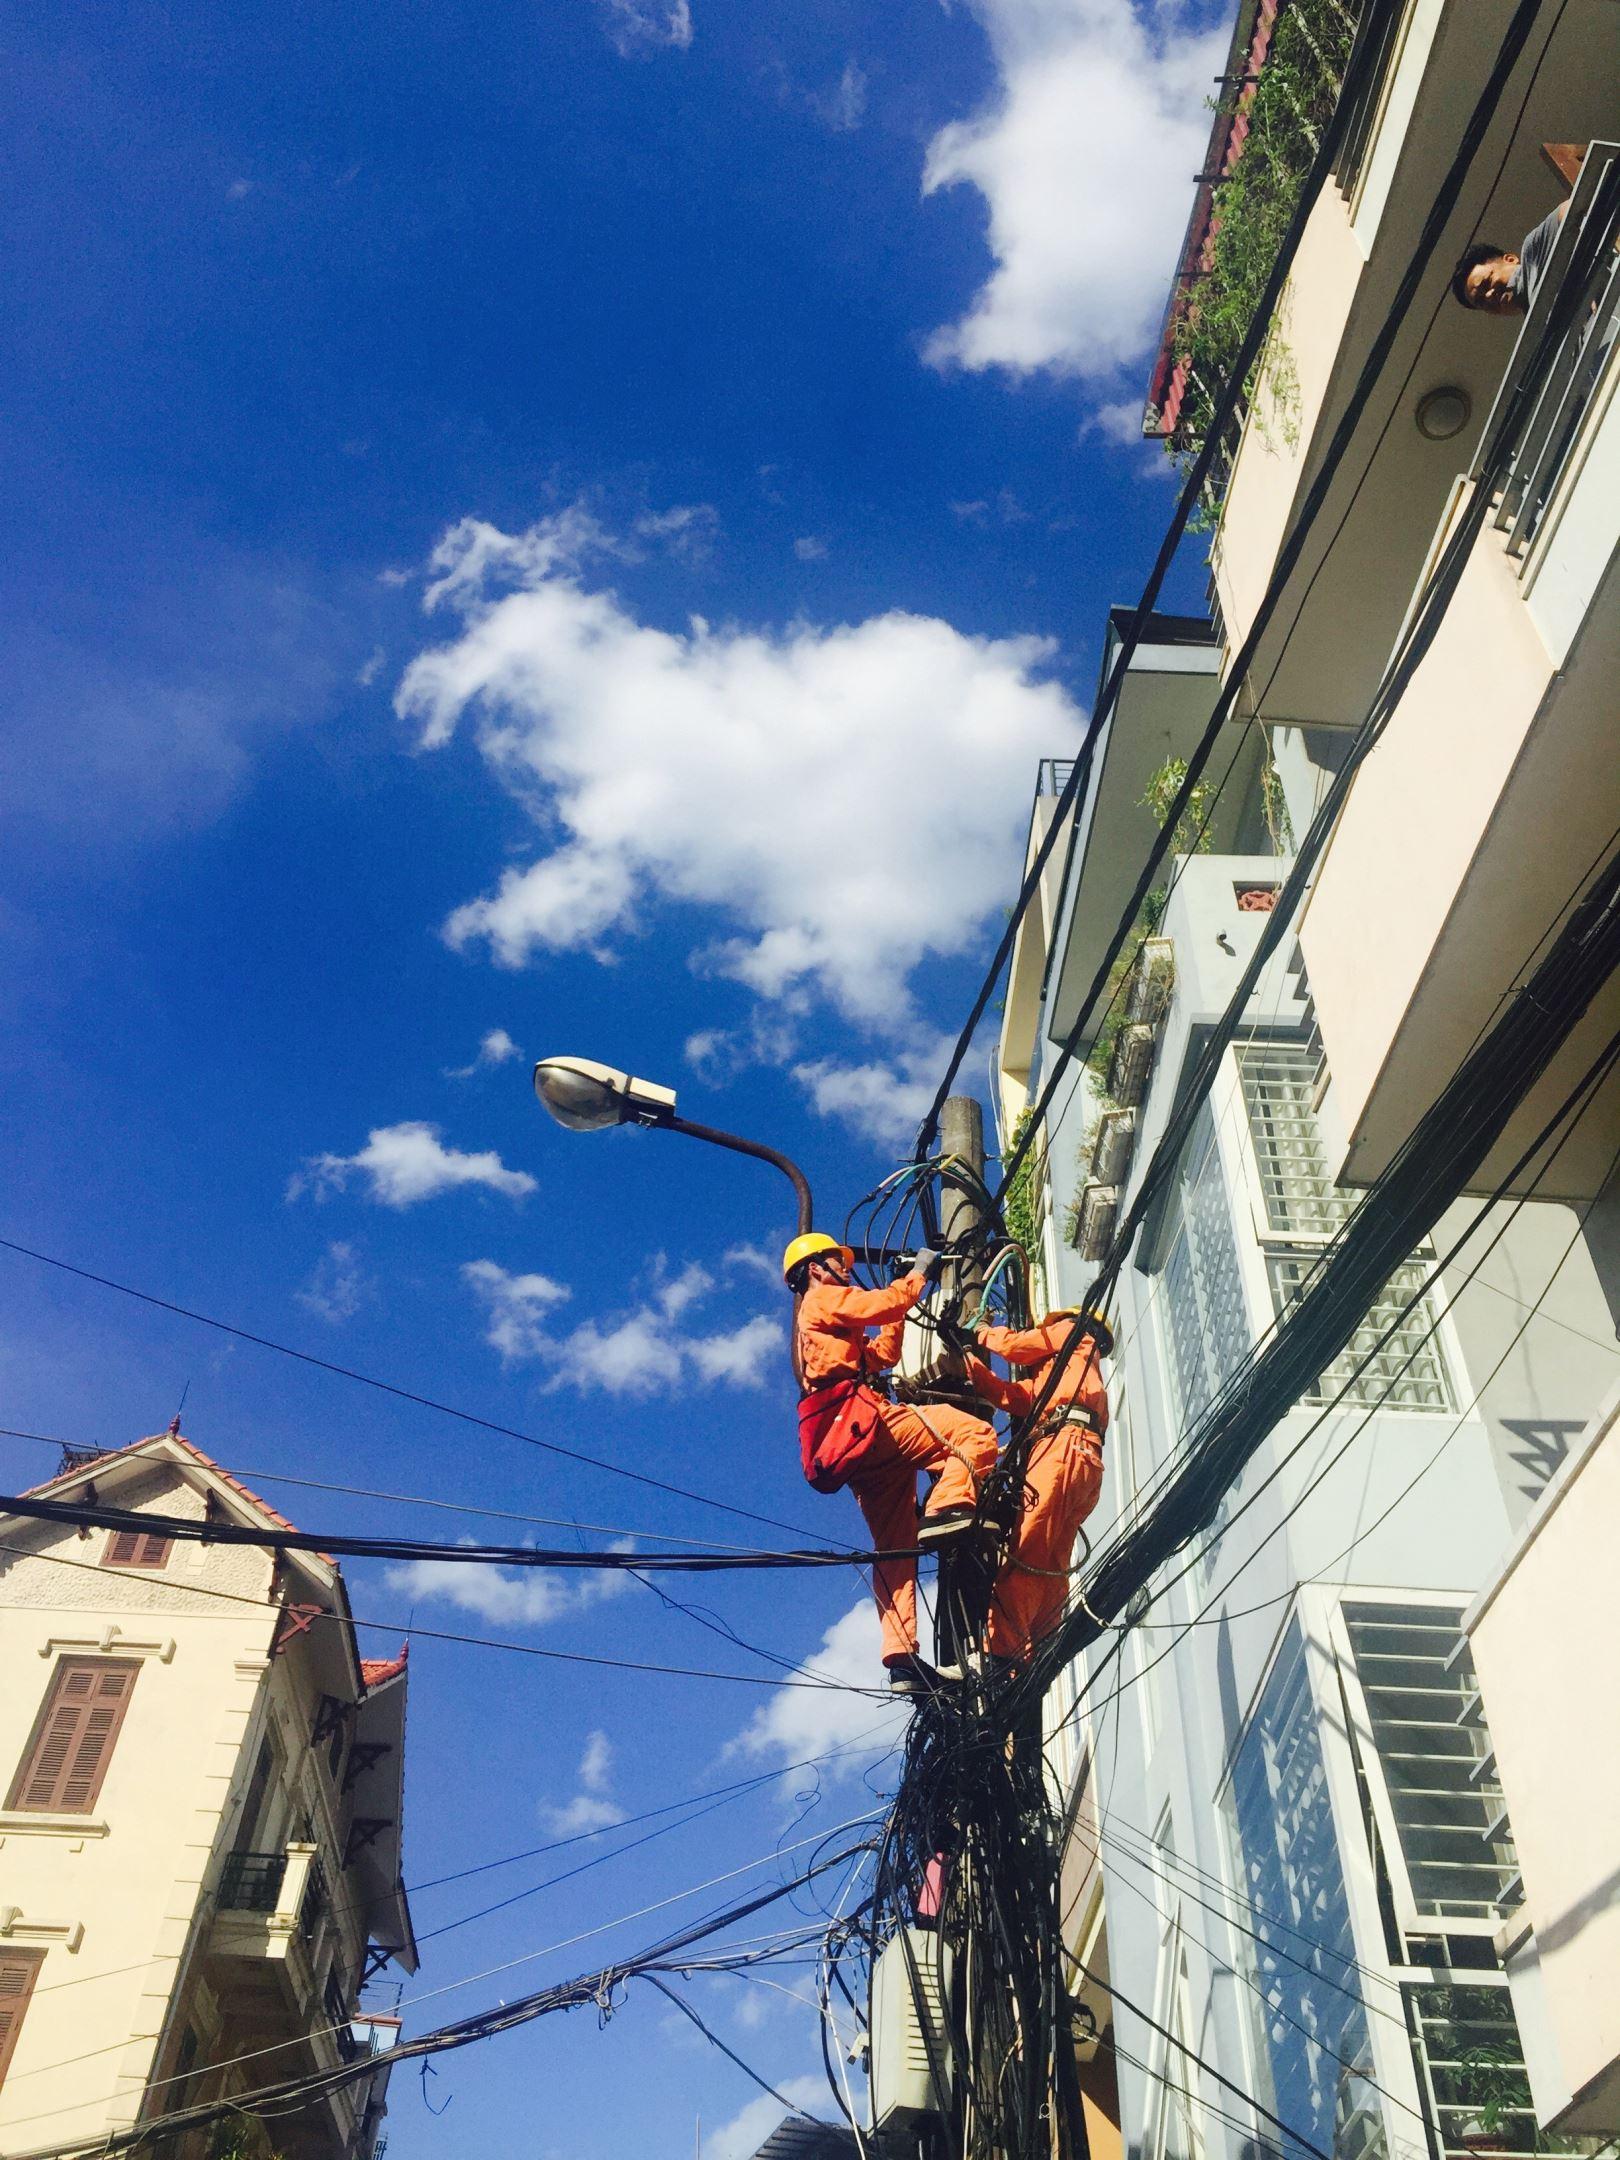 TCBC: Tiêu thụ điện liên tục lập đỉnh mới, EVN khuyến cáo khách hàng sử dụng điện an toàn, tiết kiệm